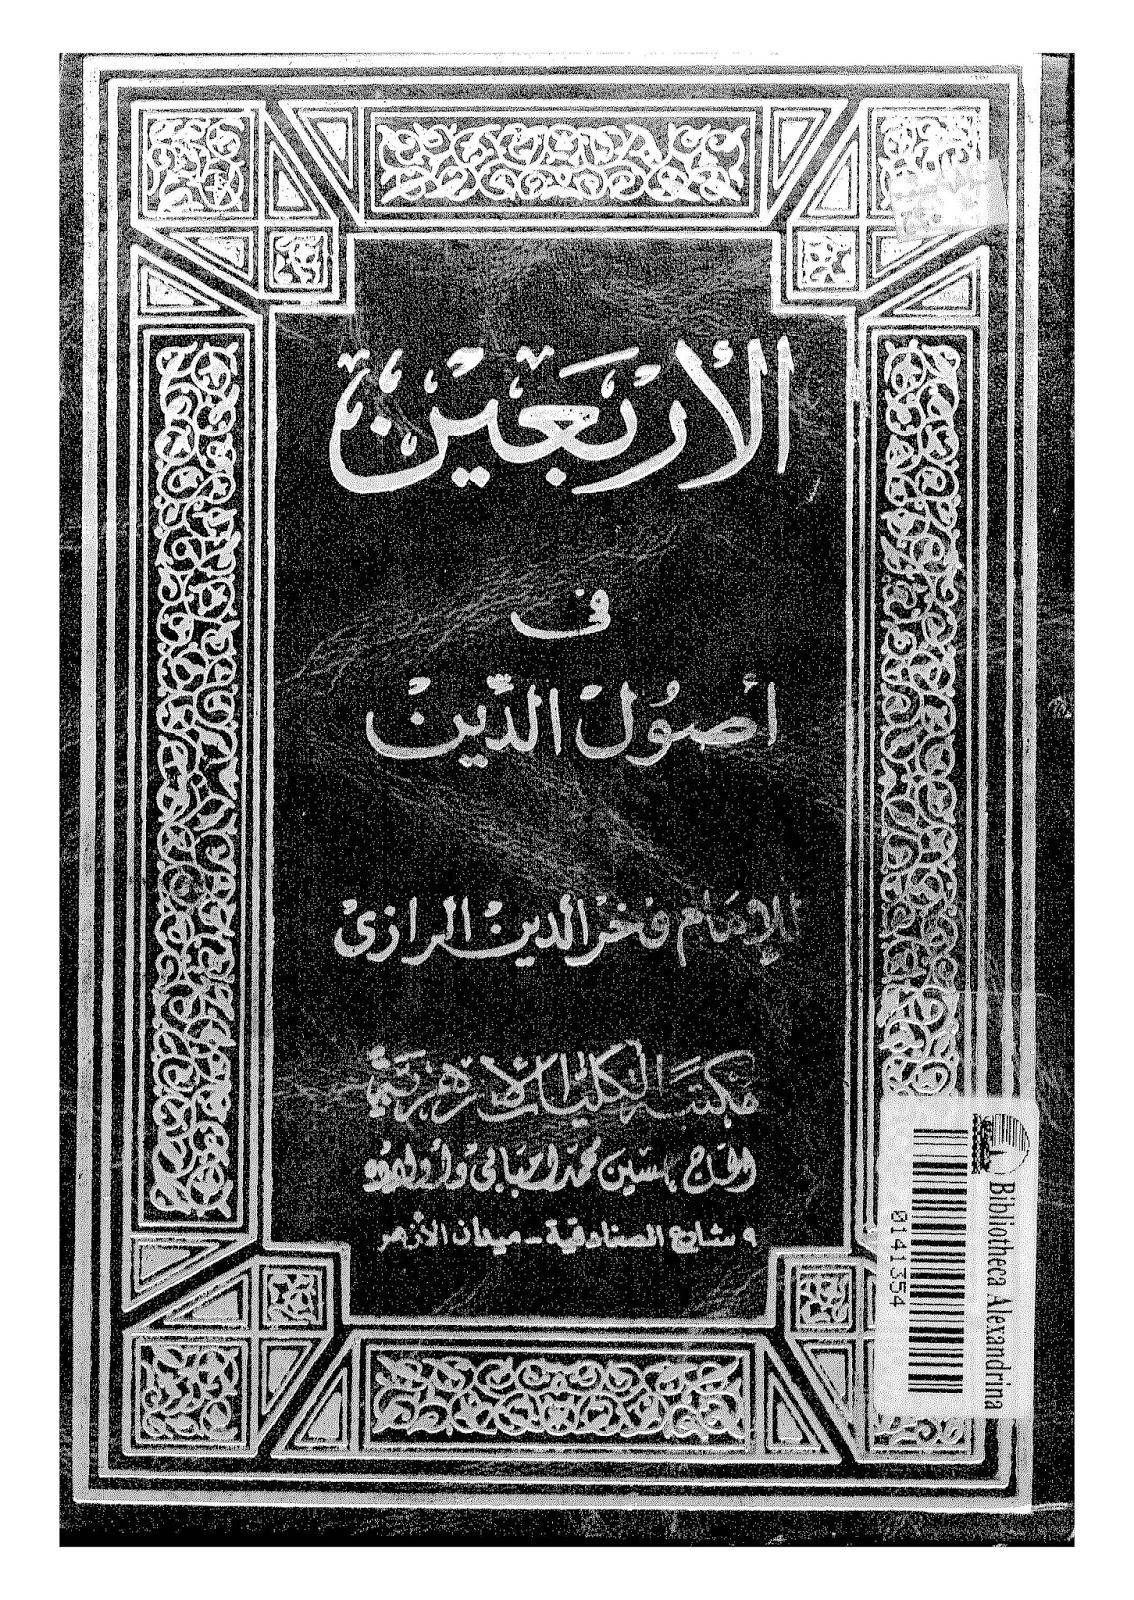 تحميل كتاب الإسلام عقيدة وشريعة محمود شلتوت pdf